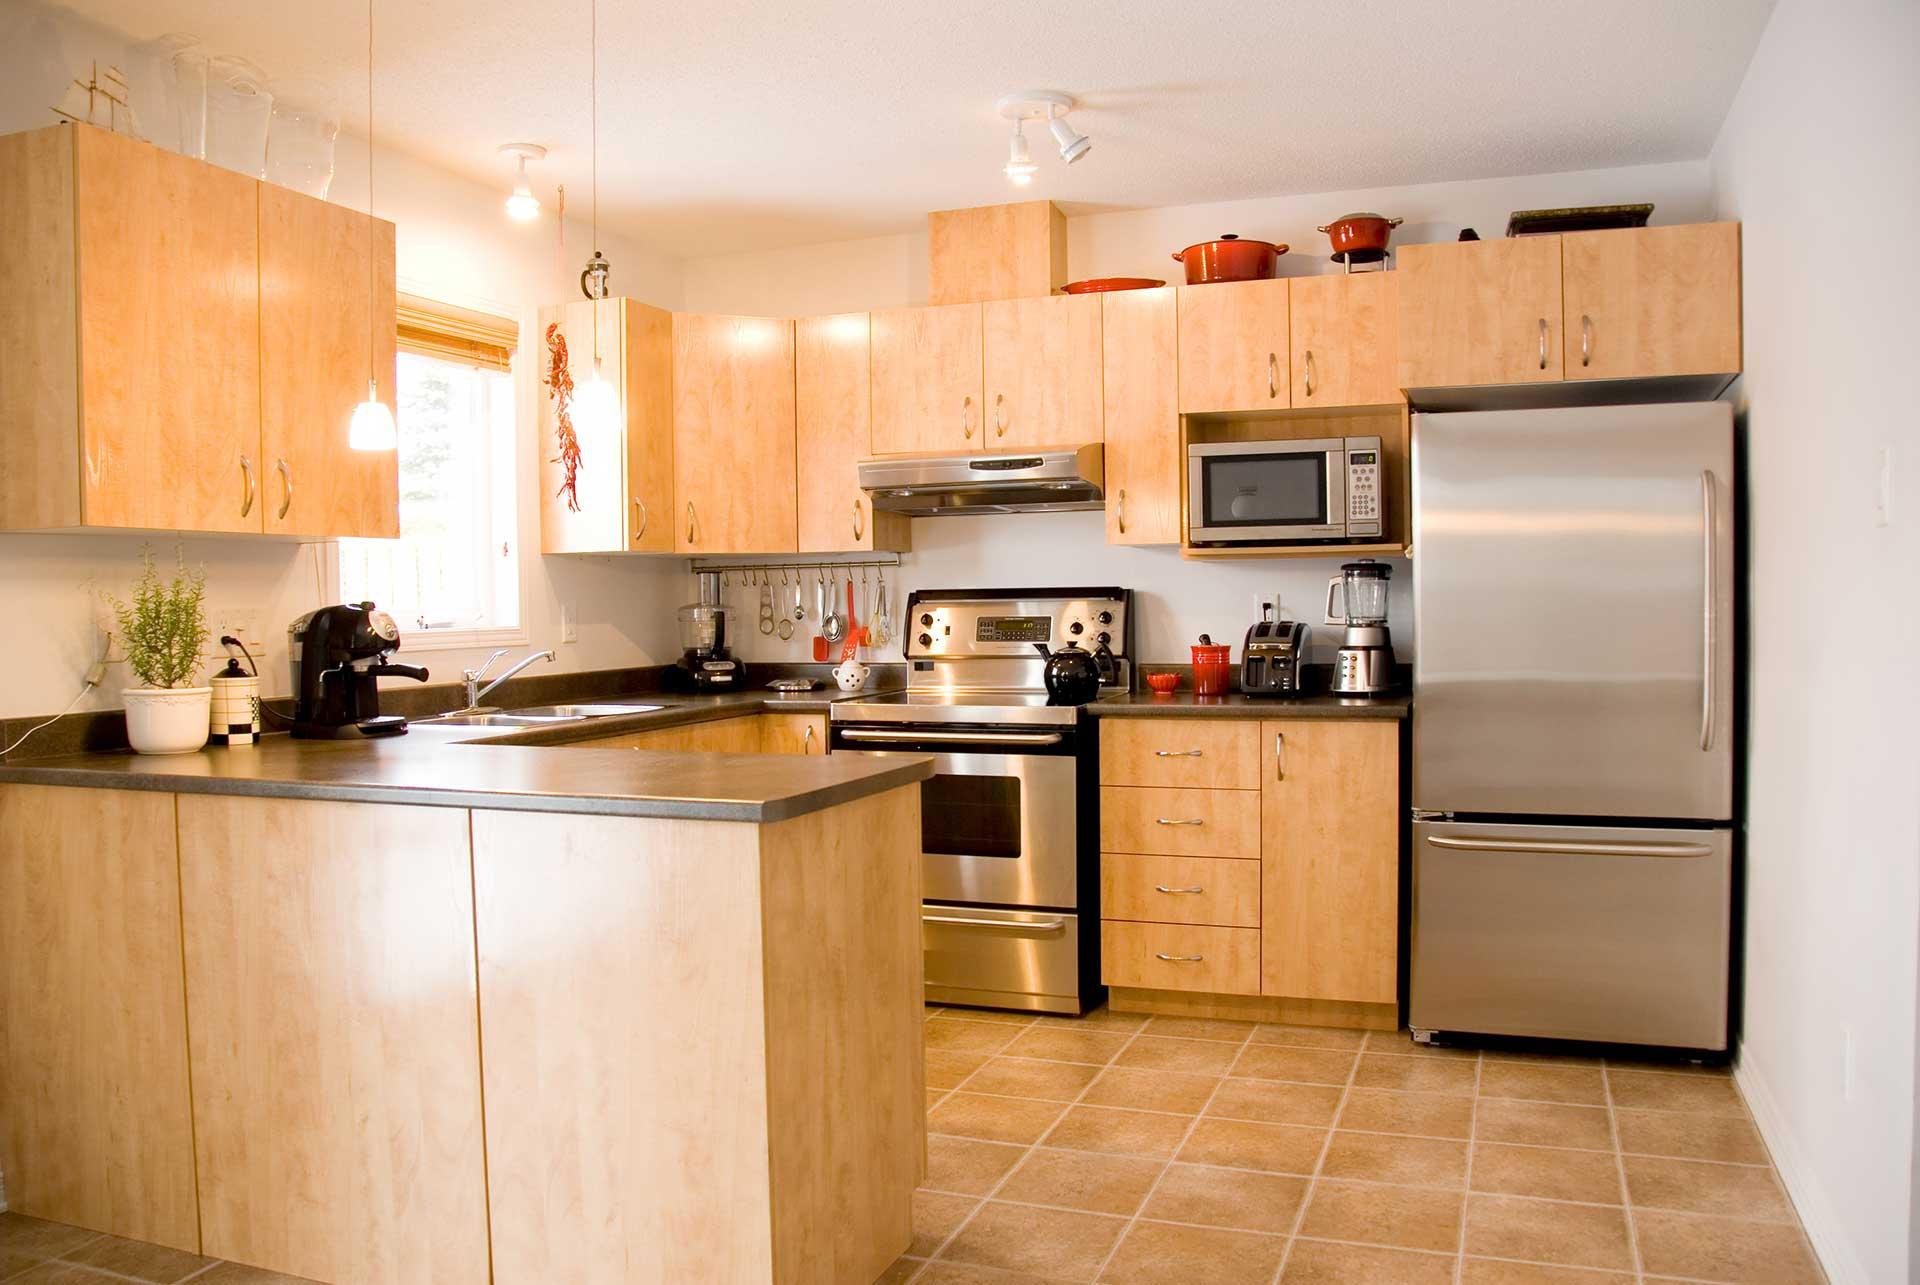 Delorimier-cuisiniere-refrigerateur-opt